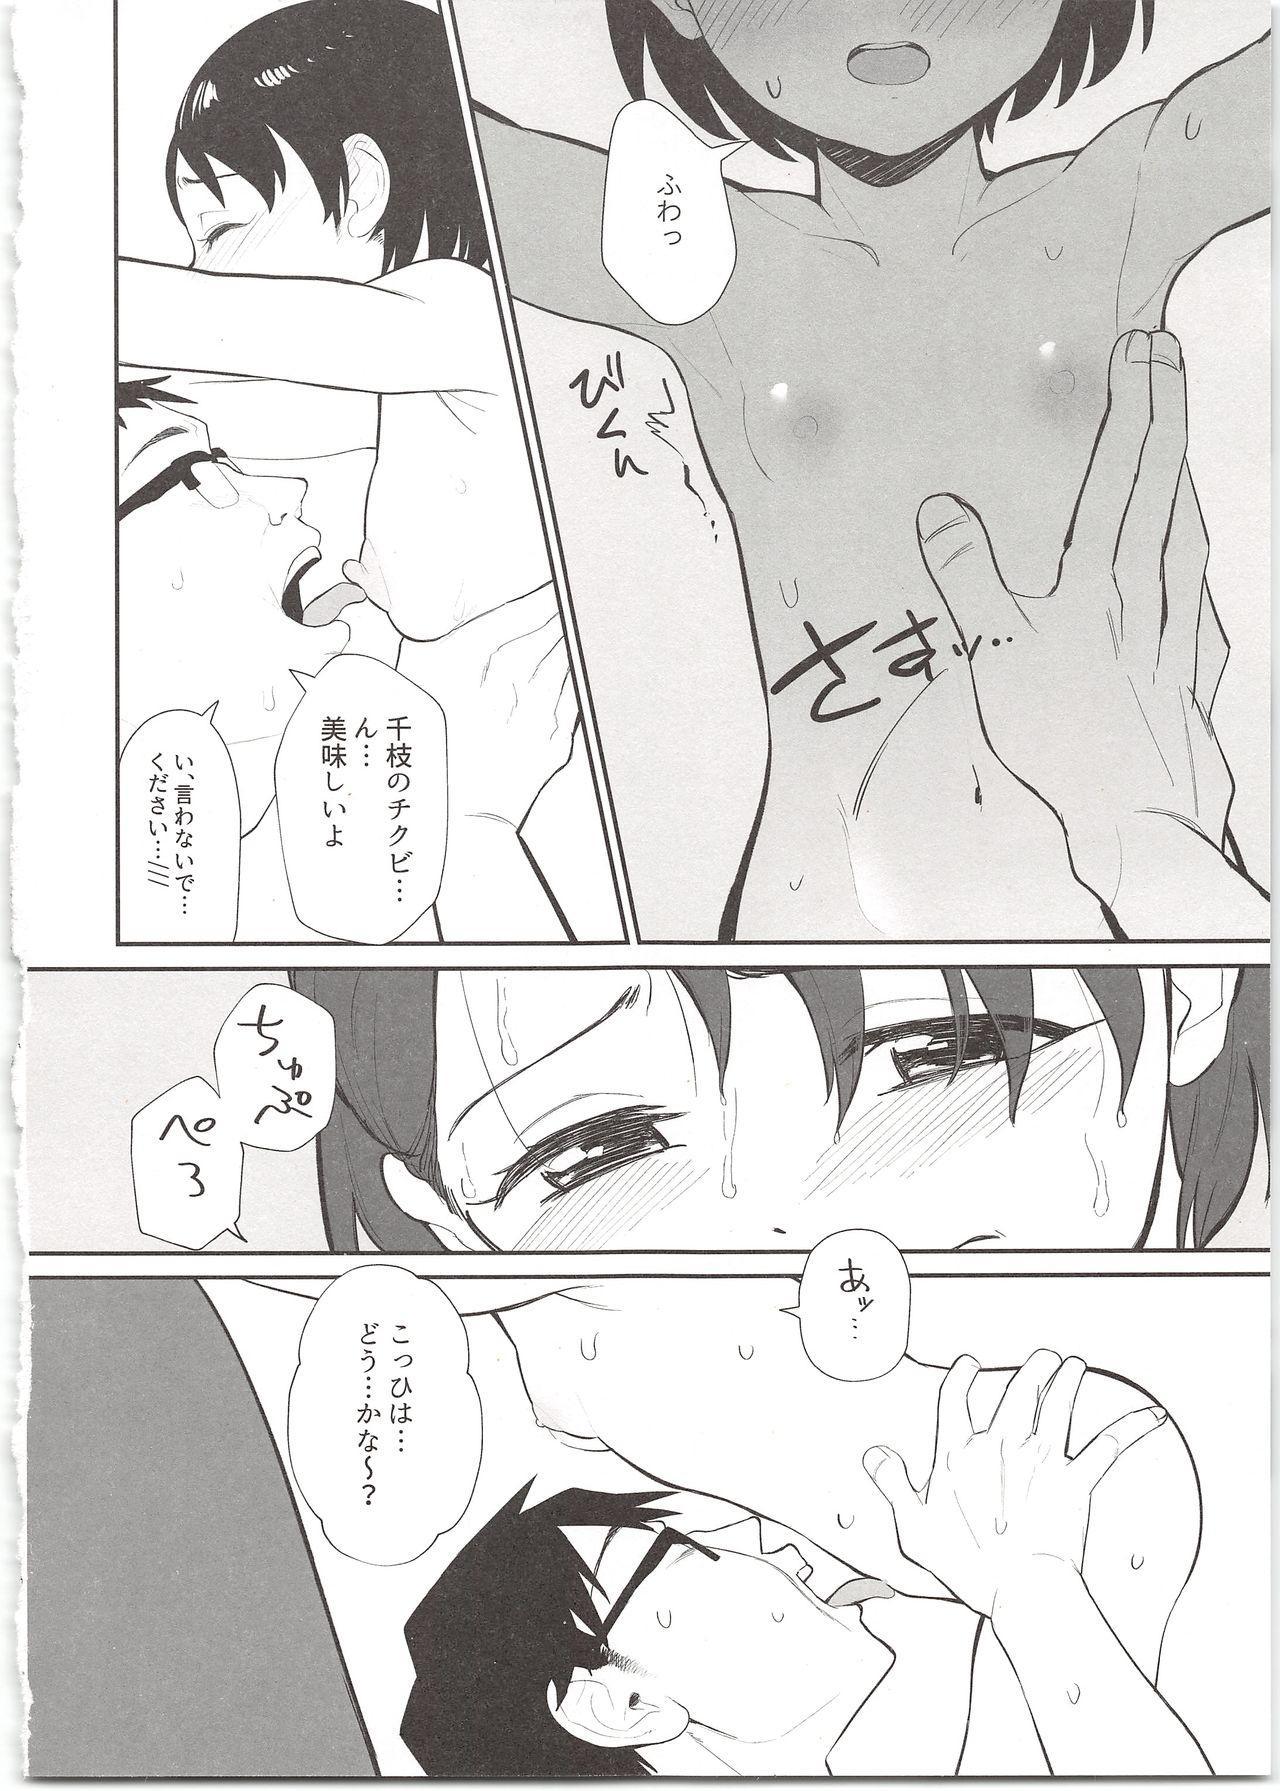 Midara no Shiro Usagi 13